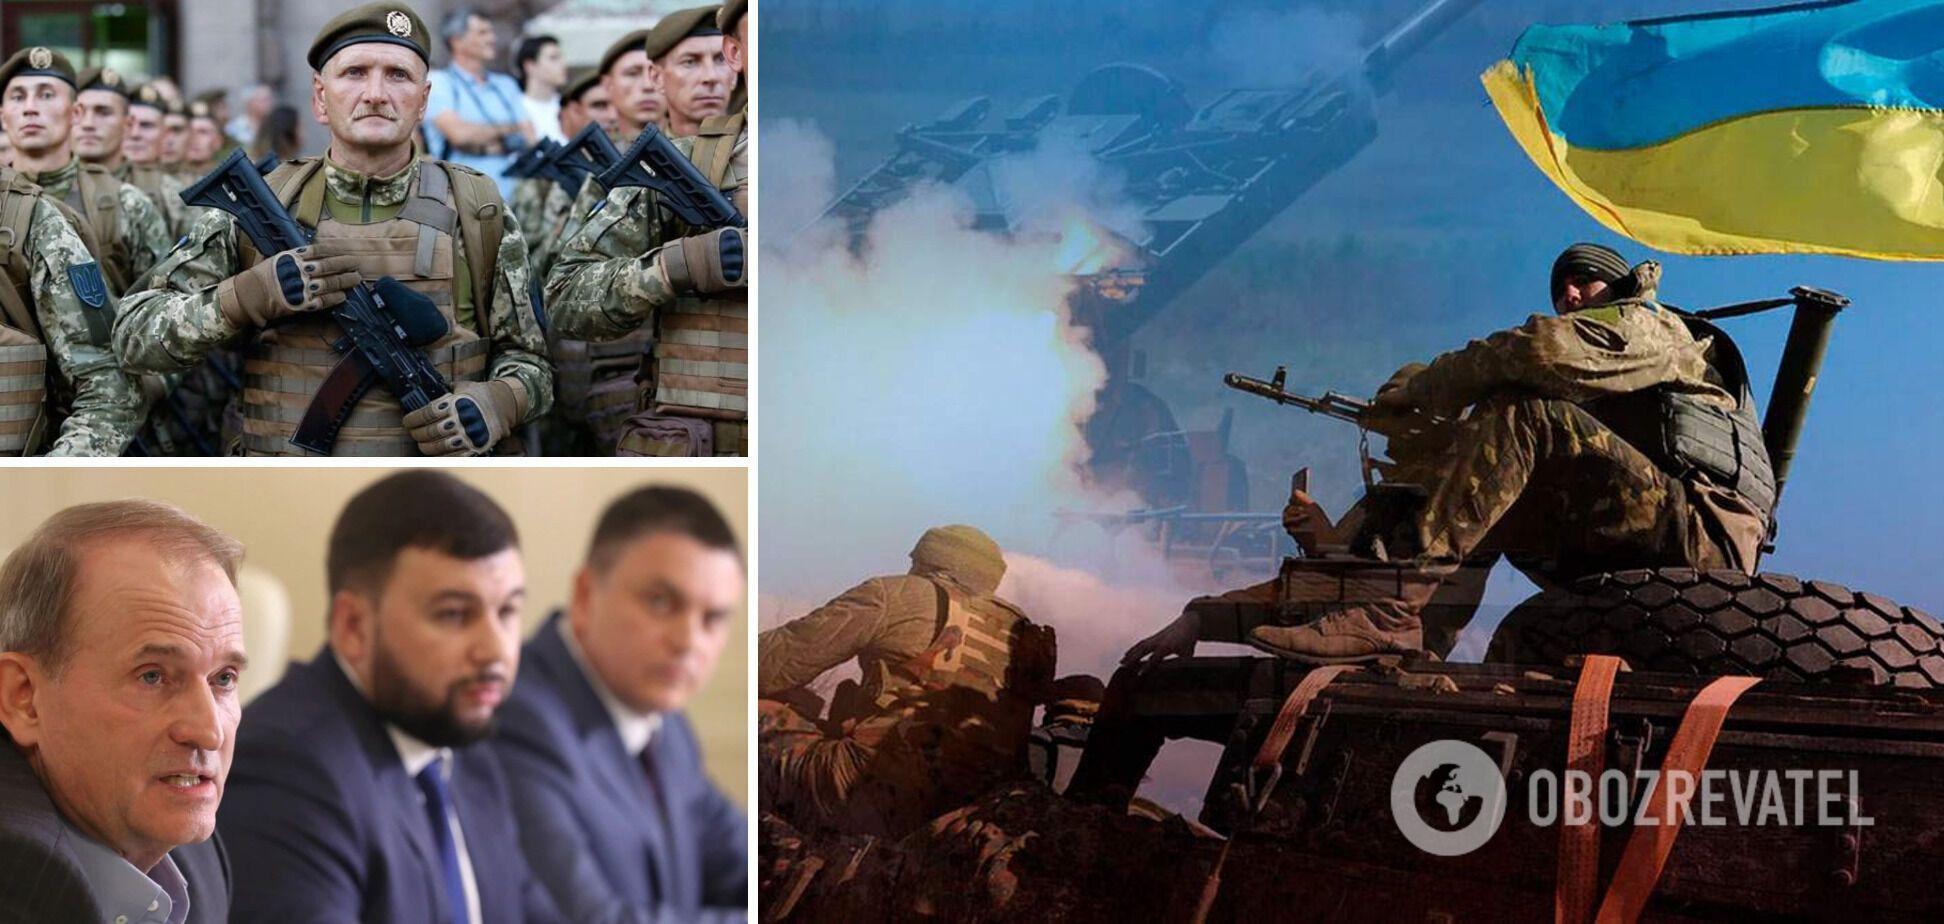 Реализация Минских соглашений уничтожит государственность Украины